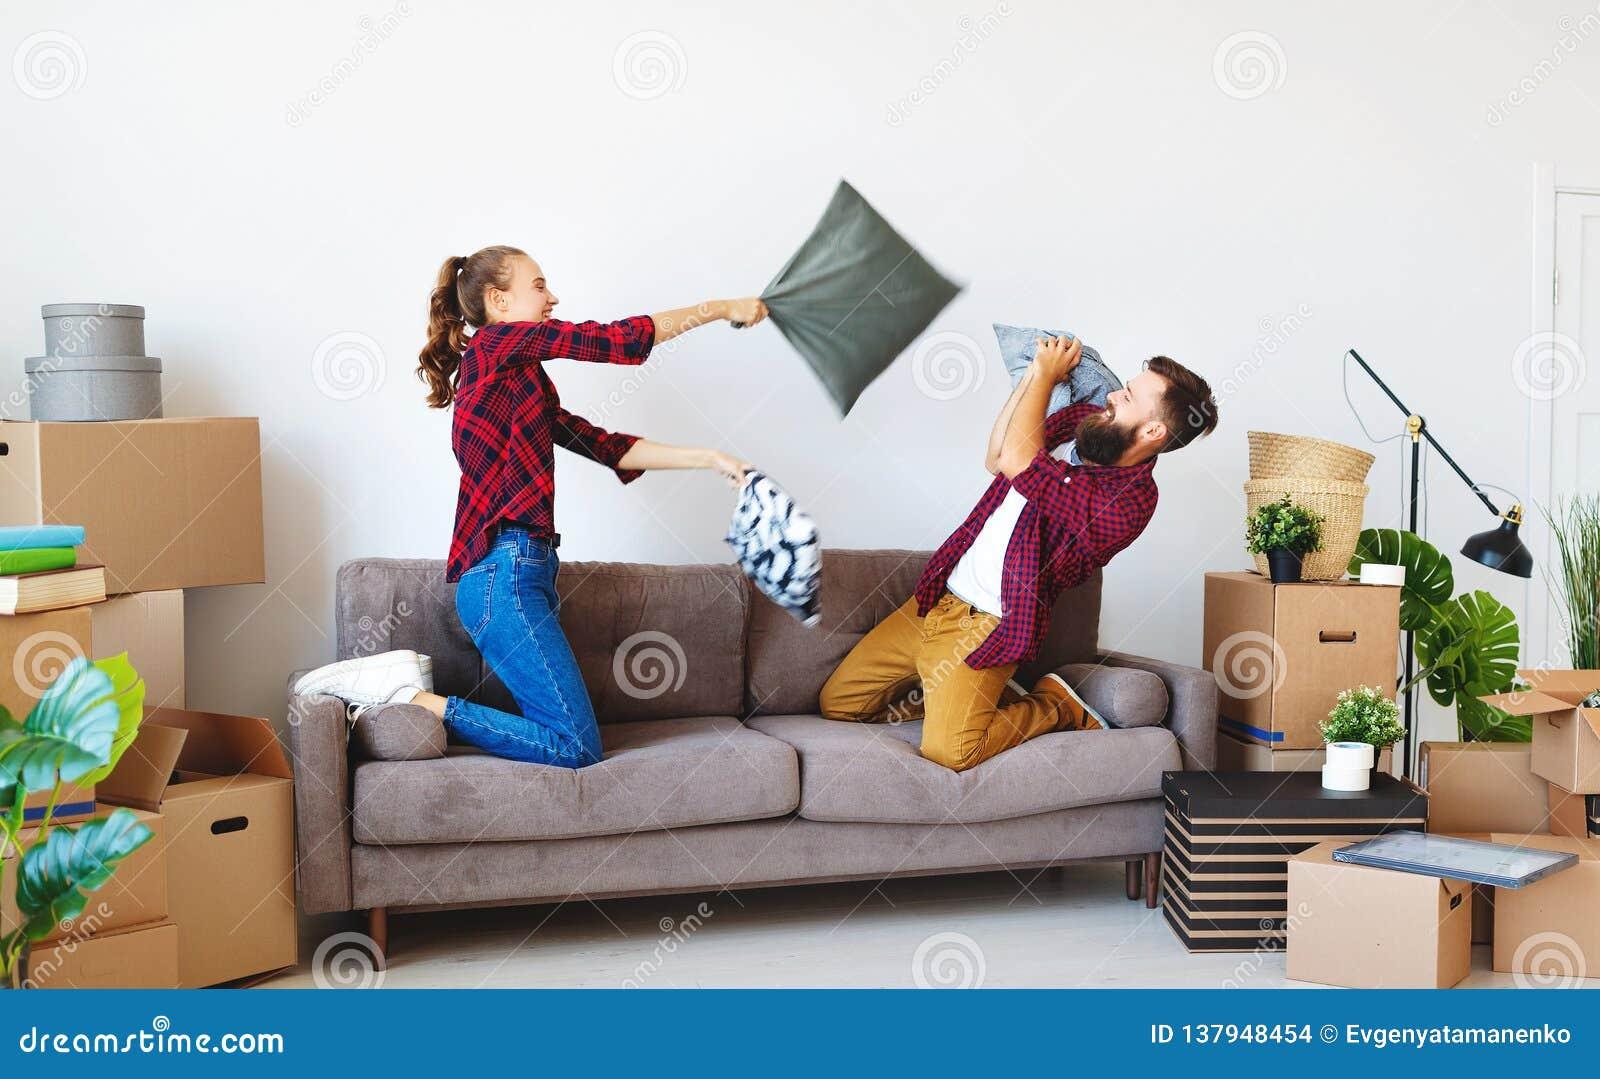 Los movimientos jovenes felices de la pareja de matrimonios al nuevo apartamento y a la risa, salto, lucha soportan